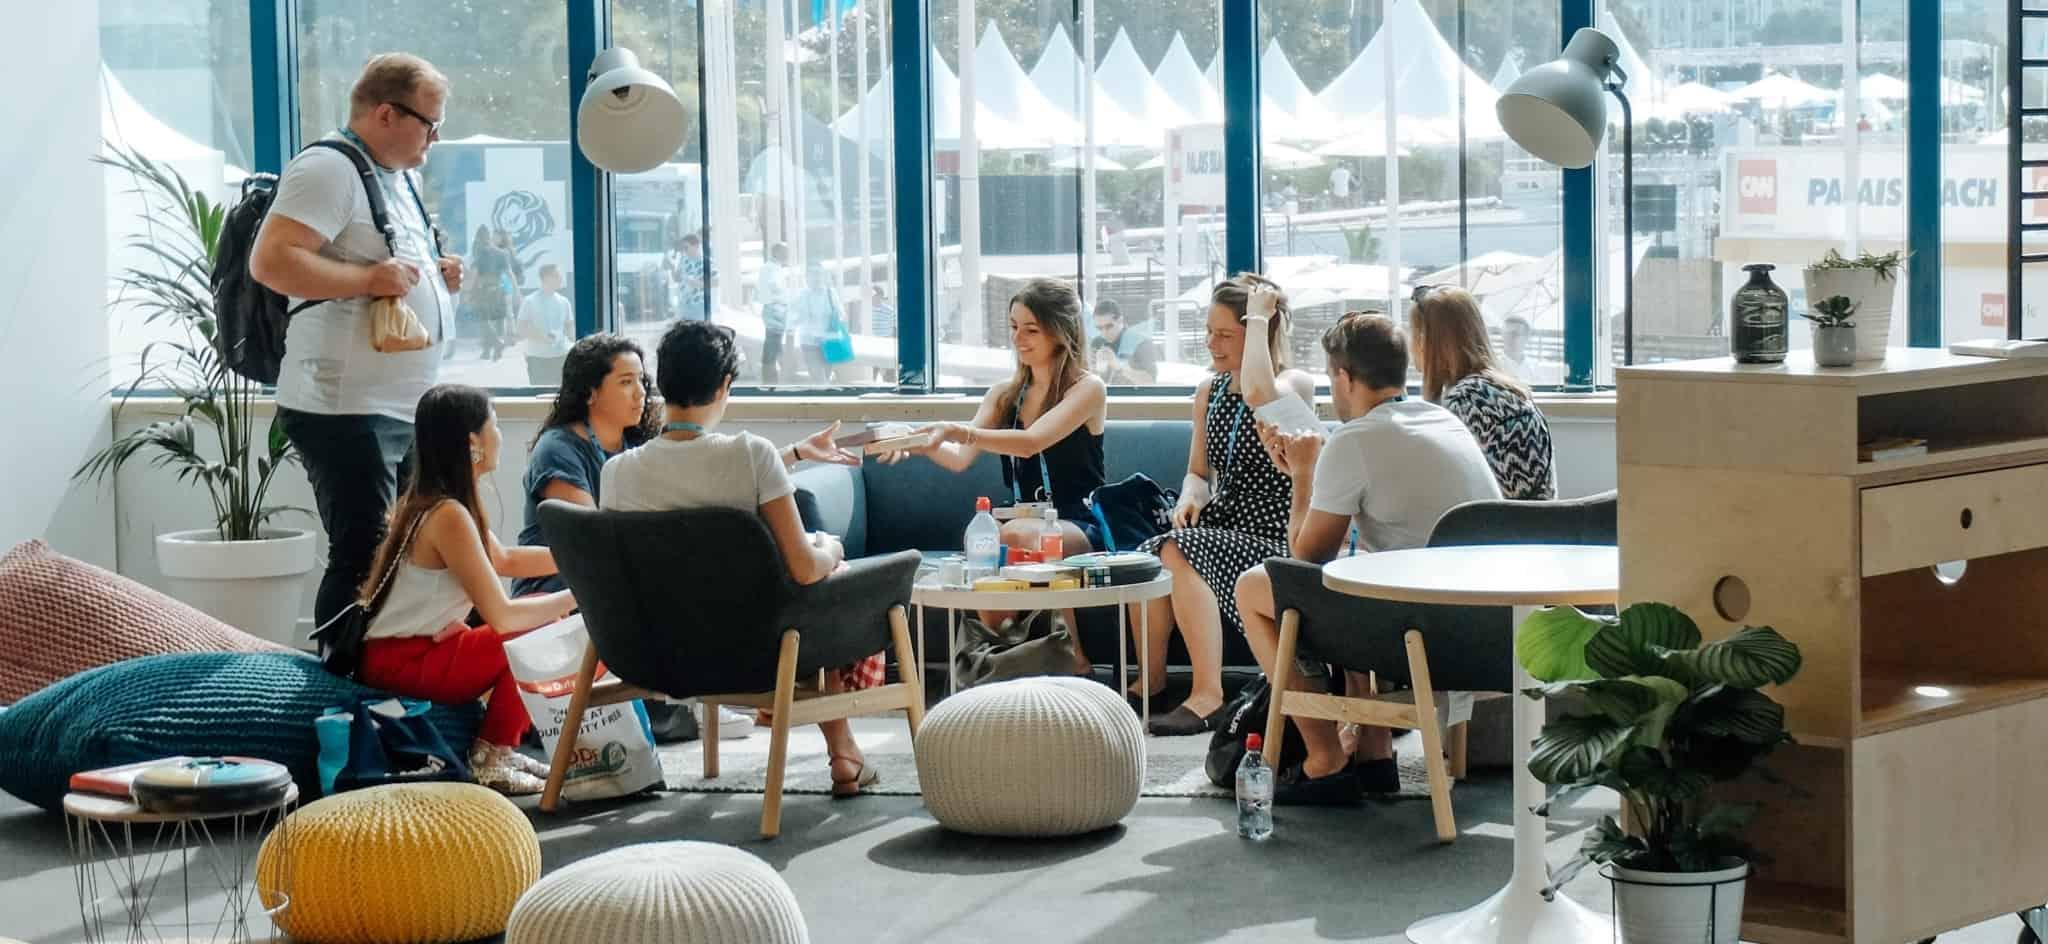 Grupo de estudantes universitários reunidos numa sala